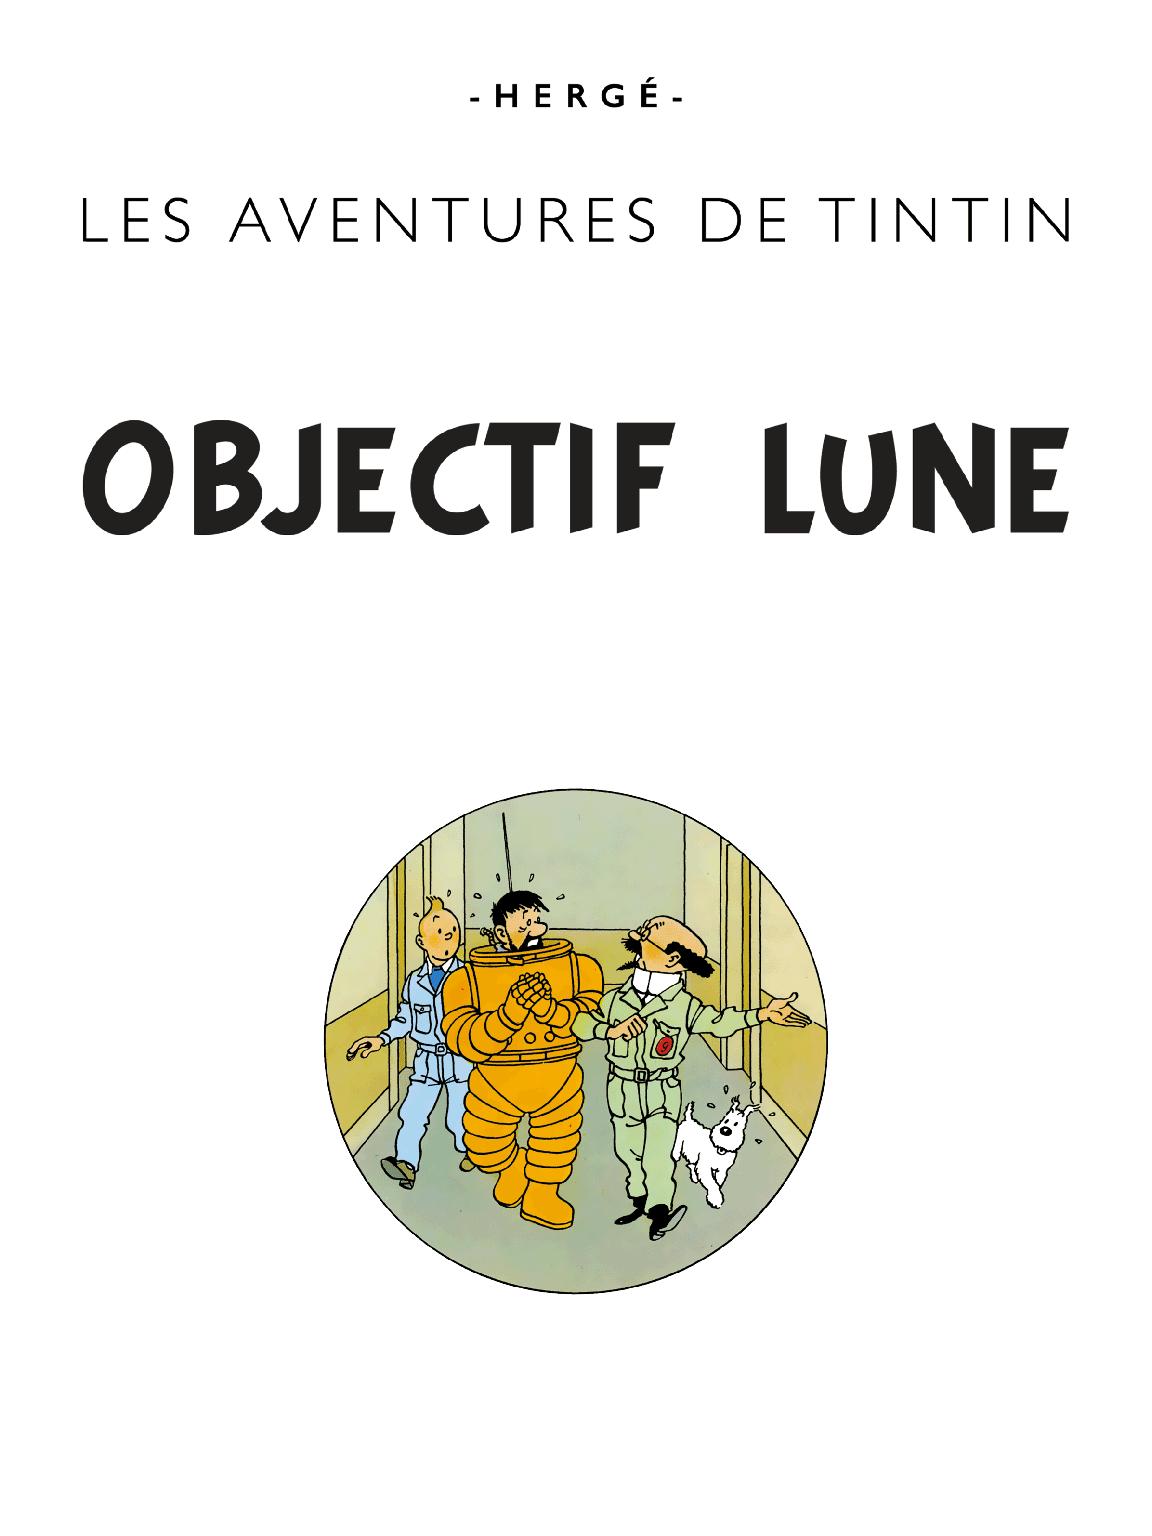 Objectif Lune - page titre